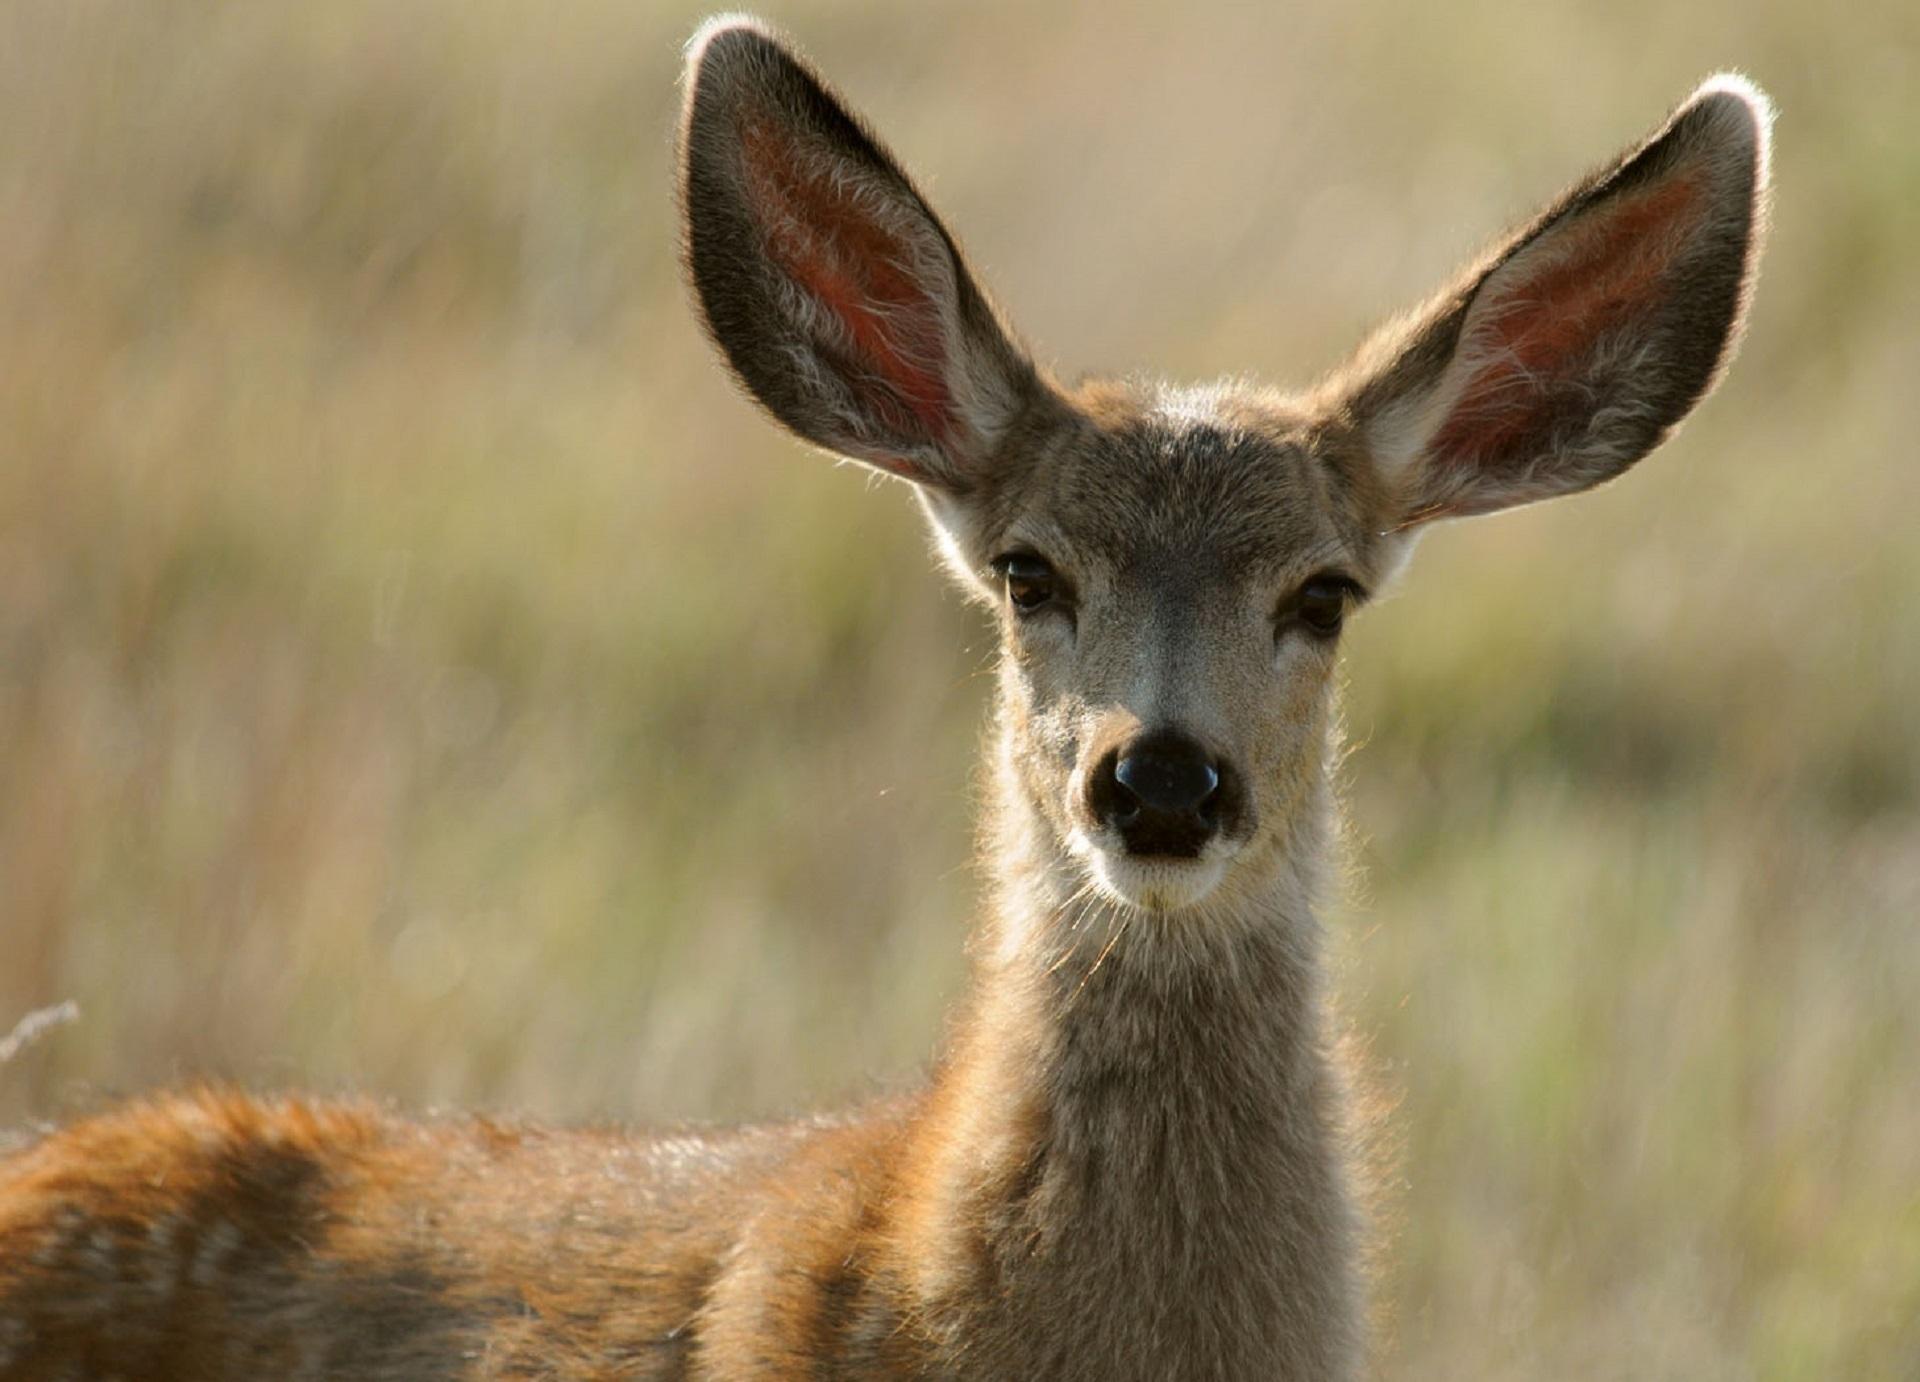 Wild deer photo